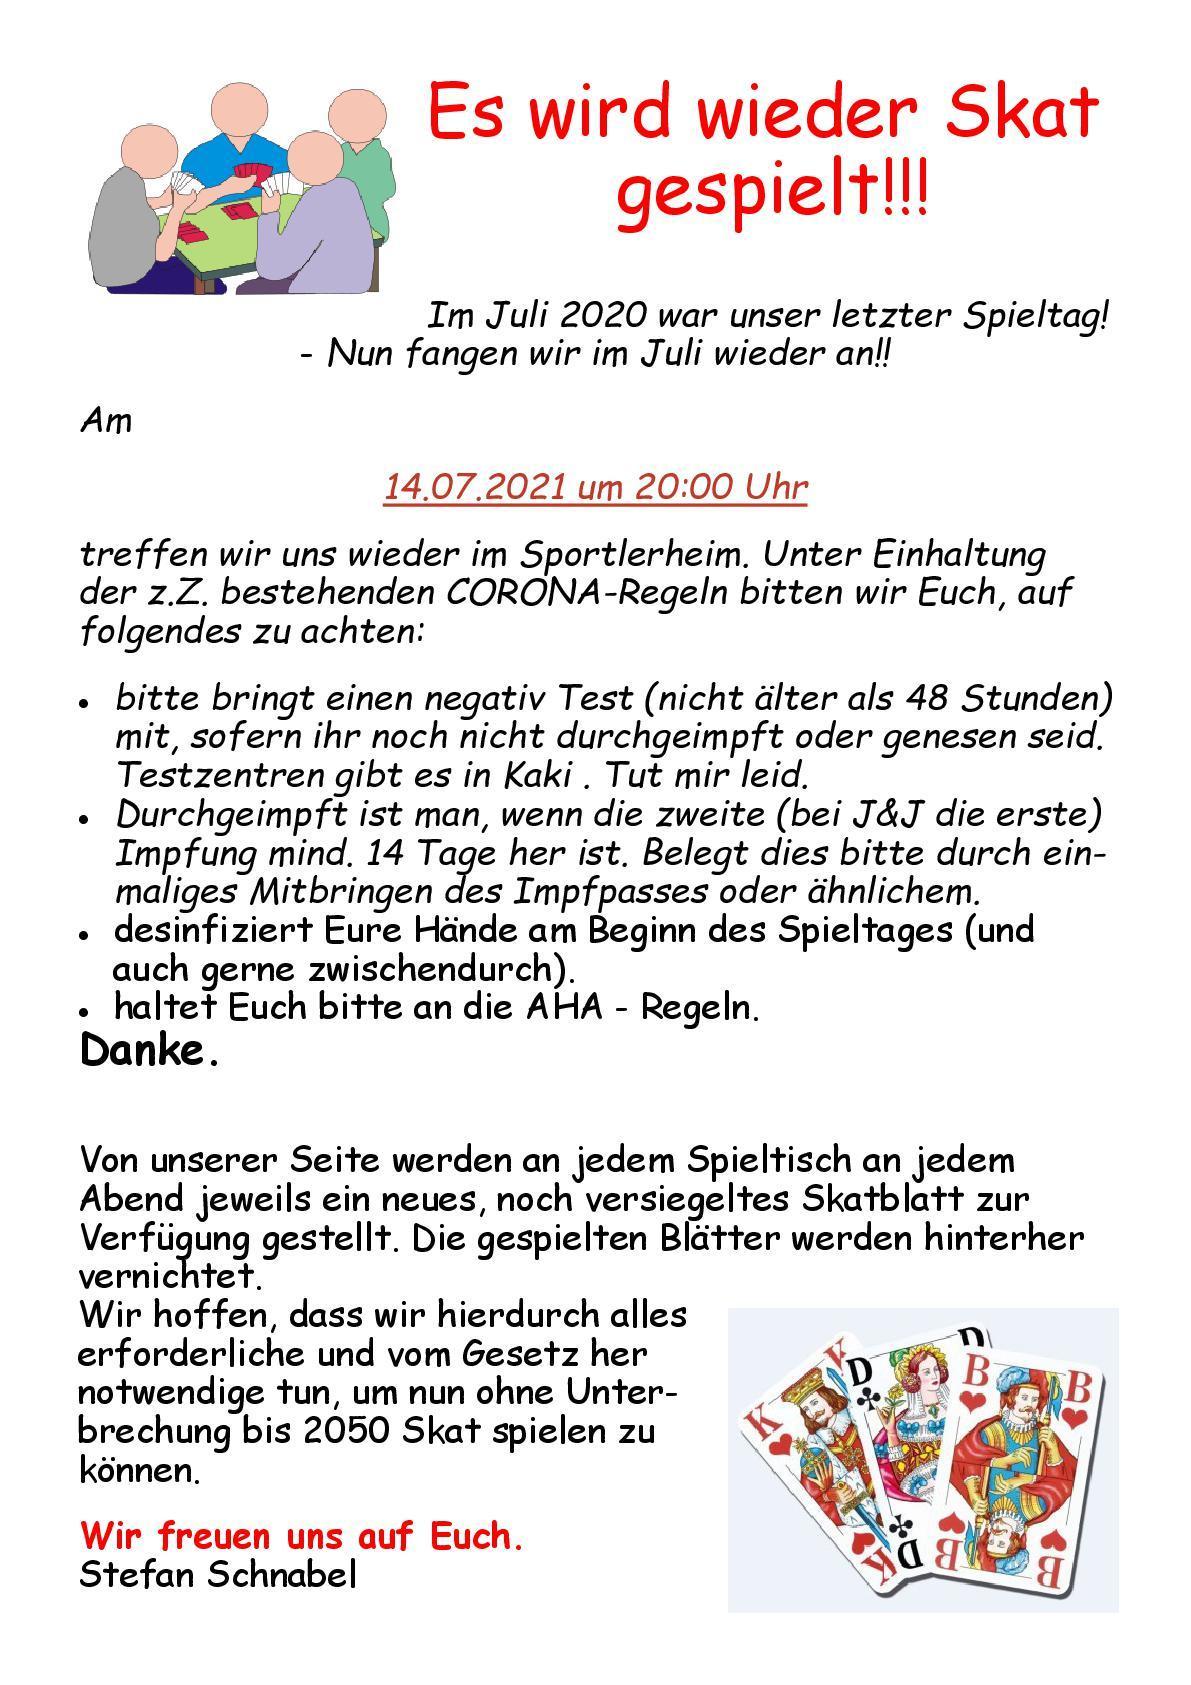 EsWirdWiederSkatGespielt-001